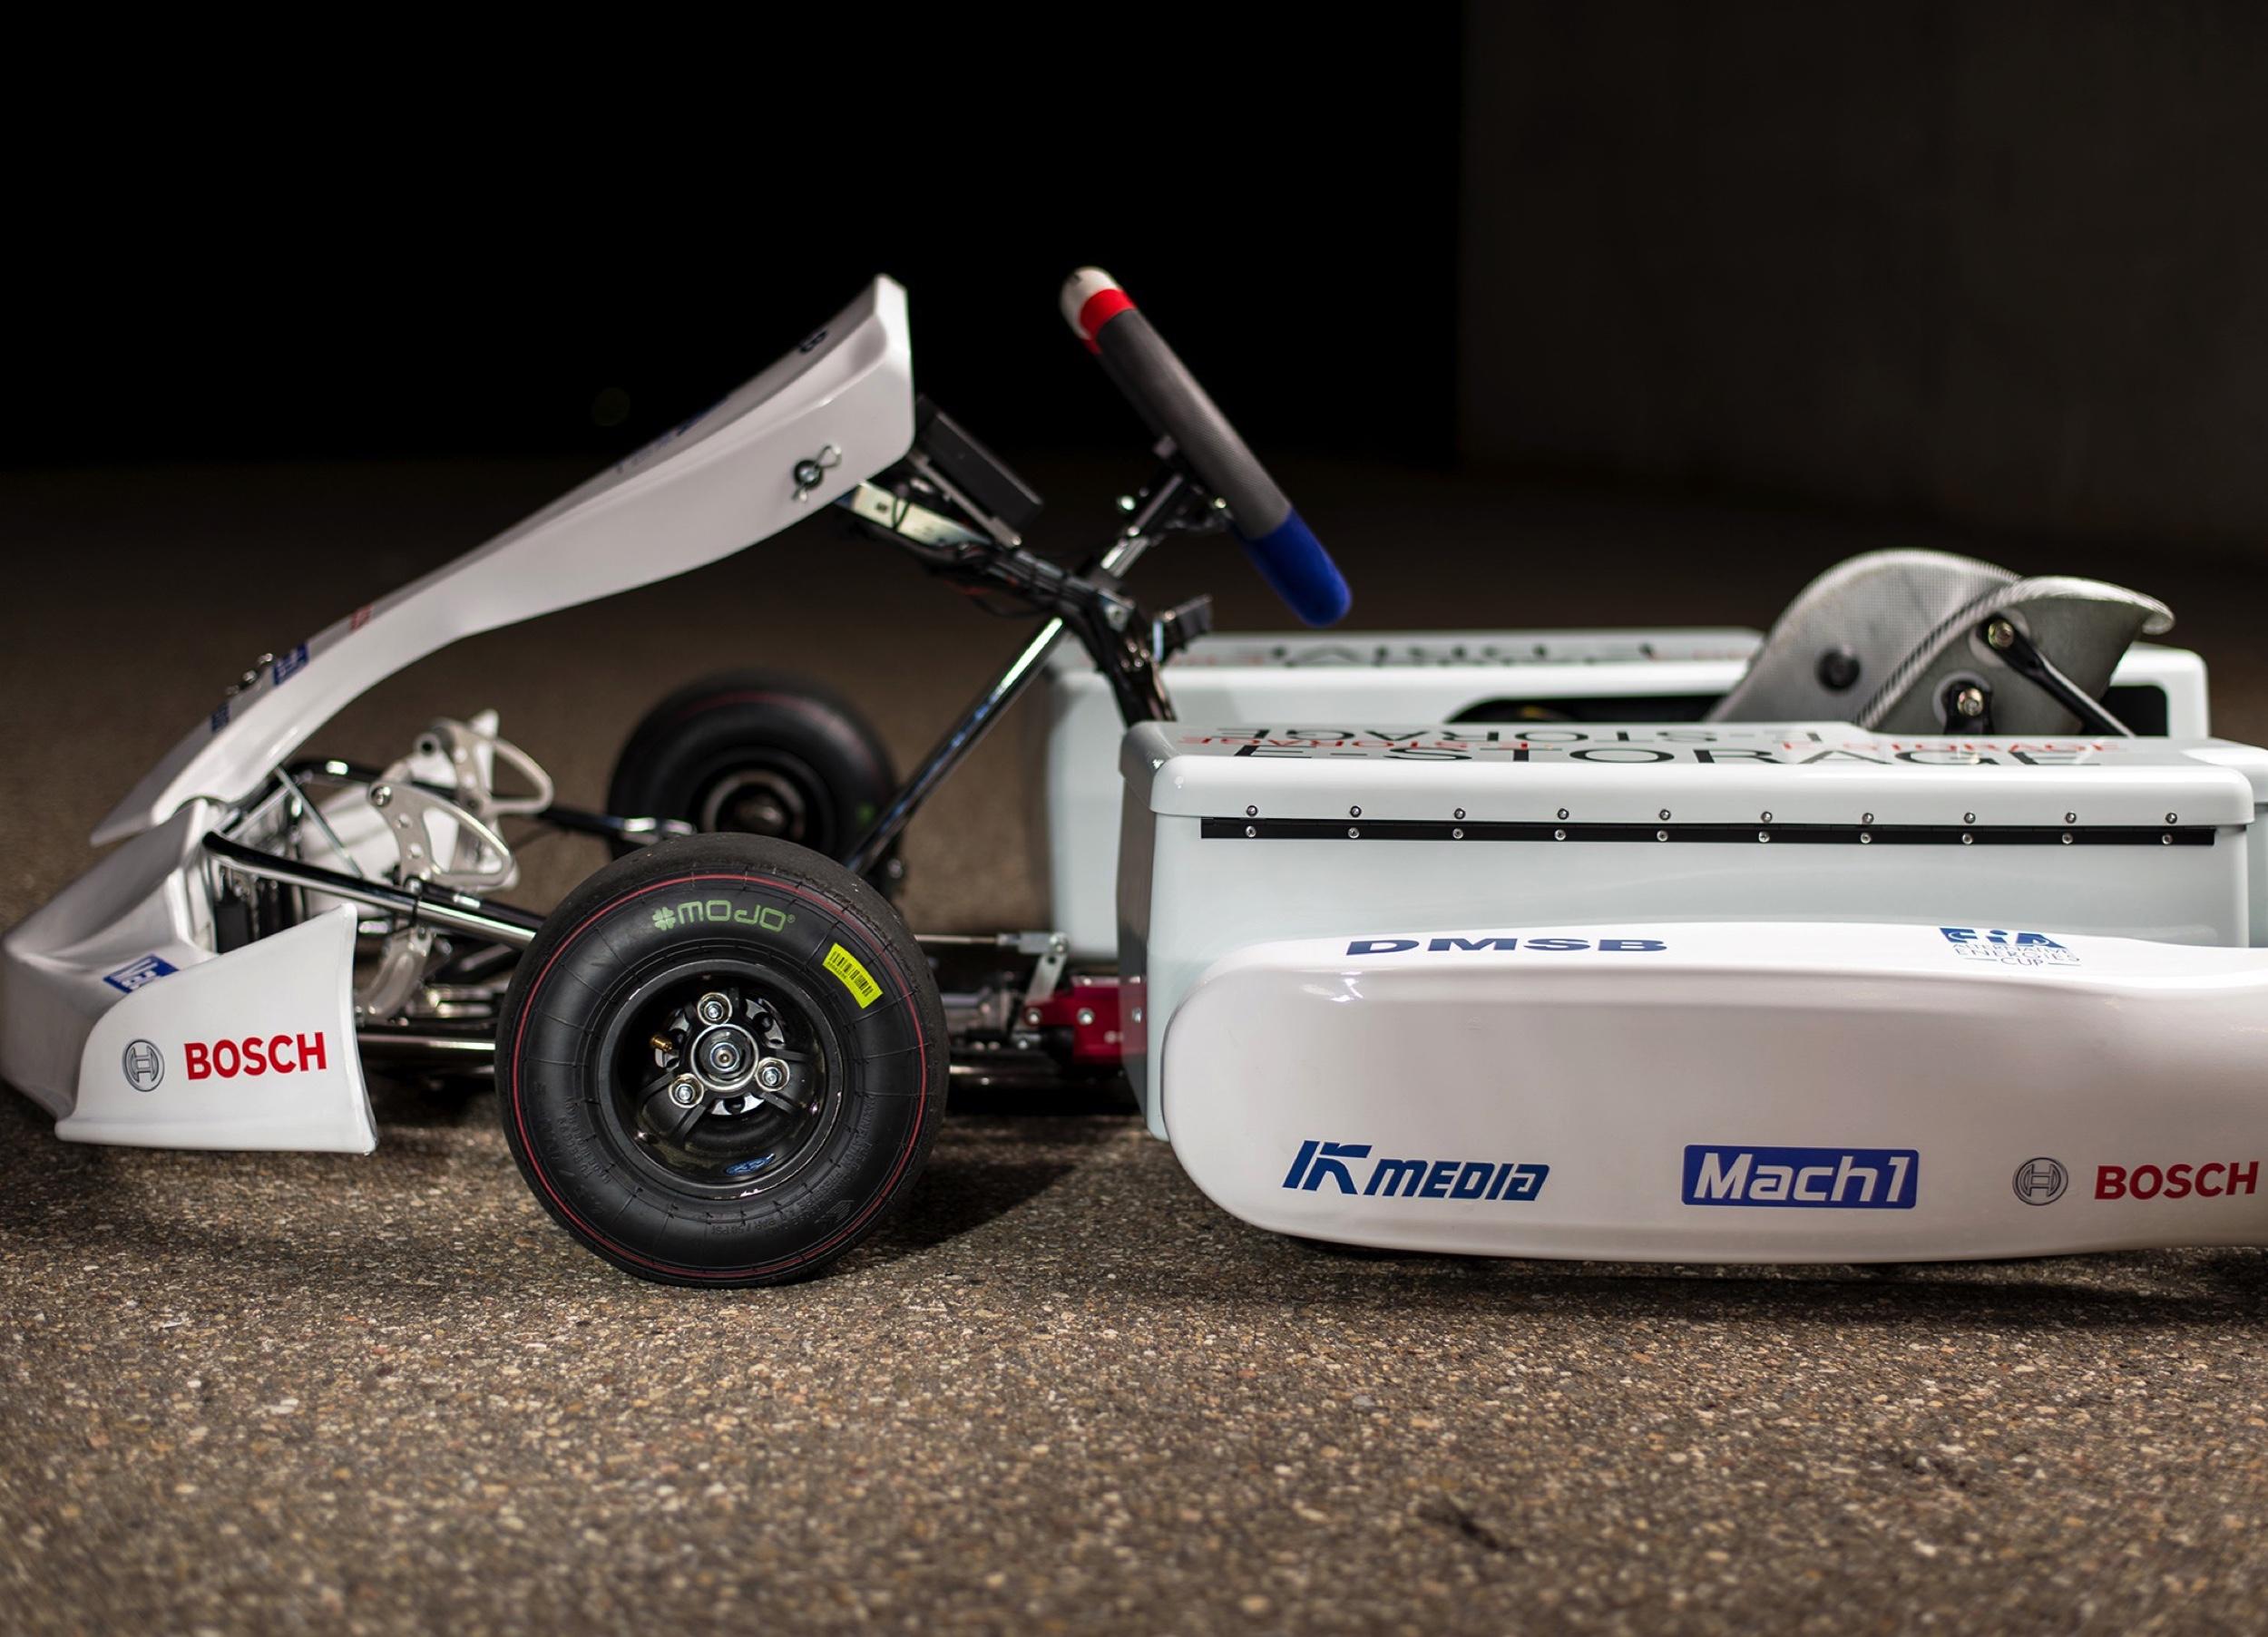 Bosch elektrische kart - Autovisie.nl -2